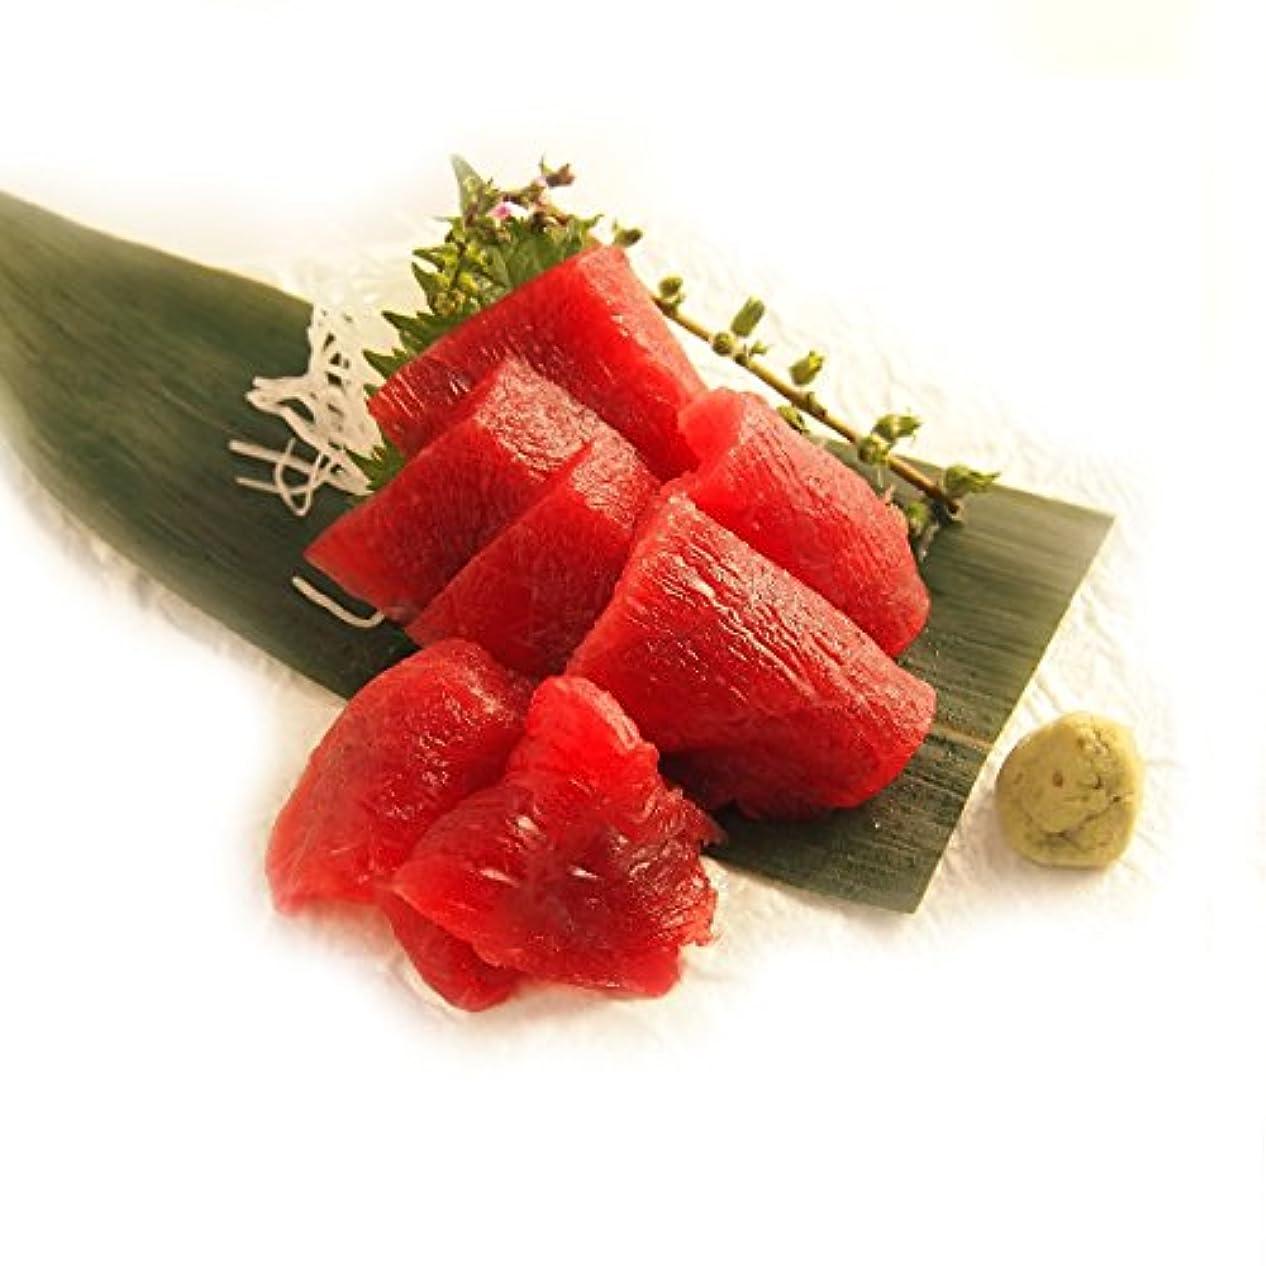 代わりにを立てる確認するニンニク築地魚群 ミナミマグロ インドマグロ 赤身 500g